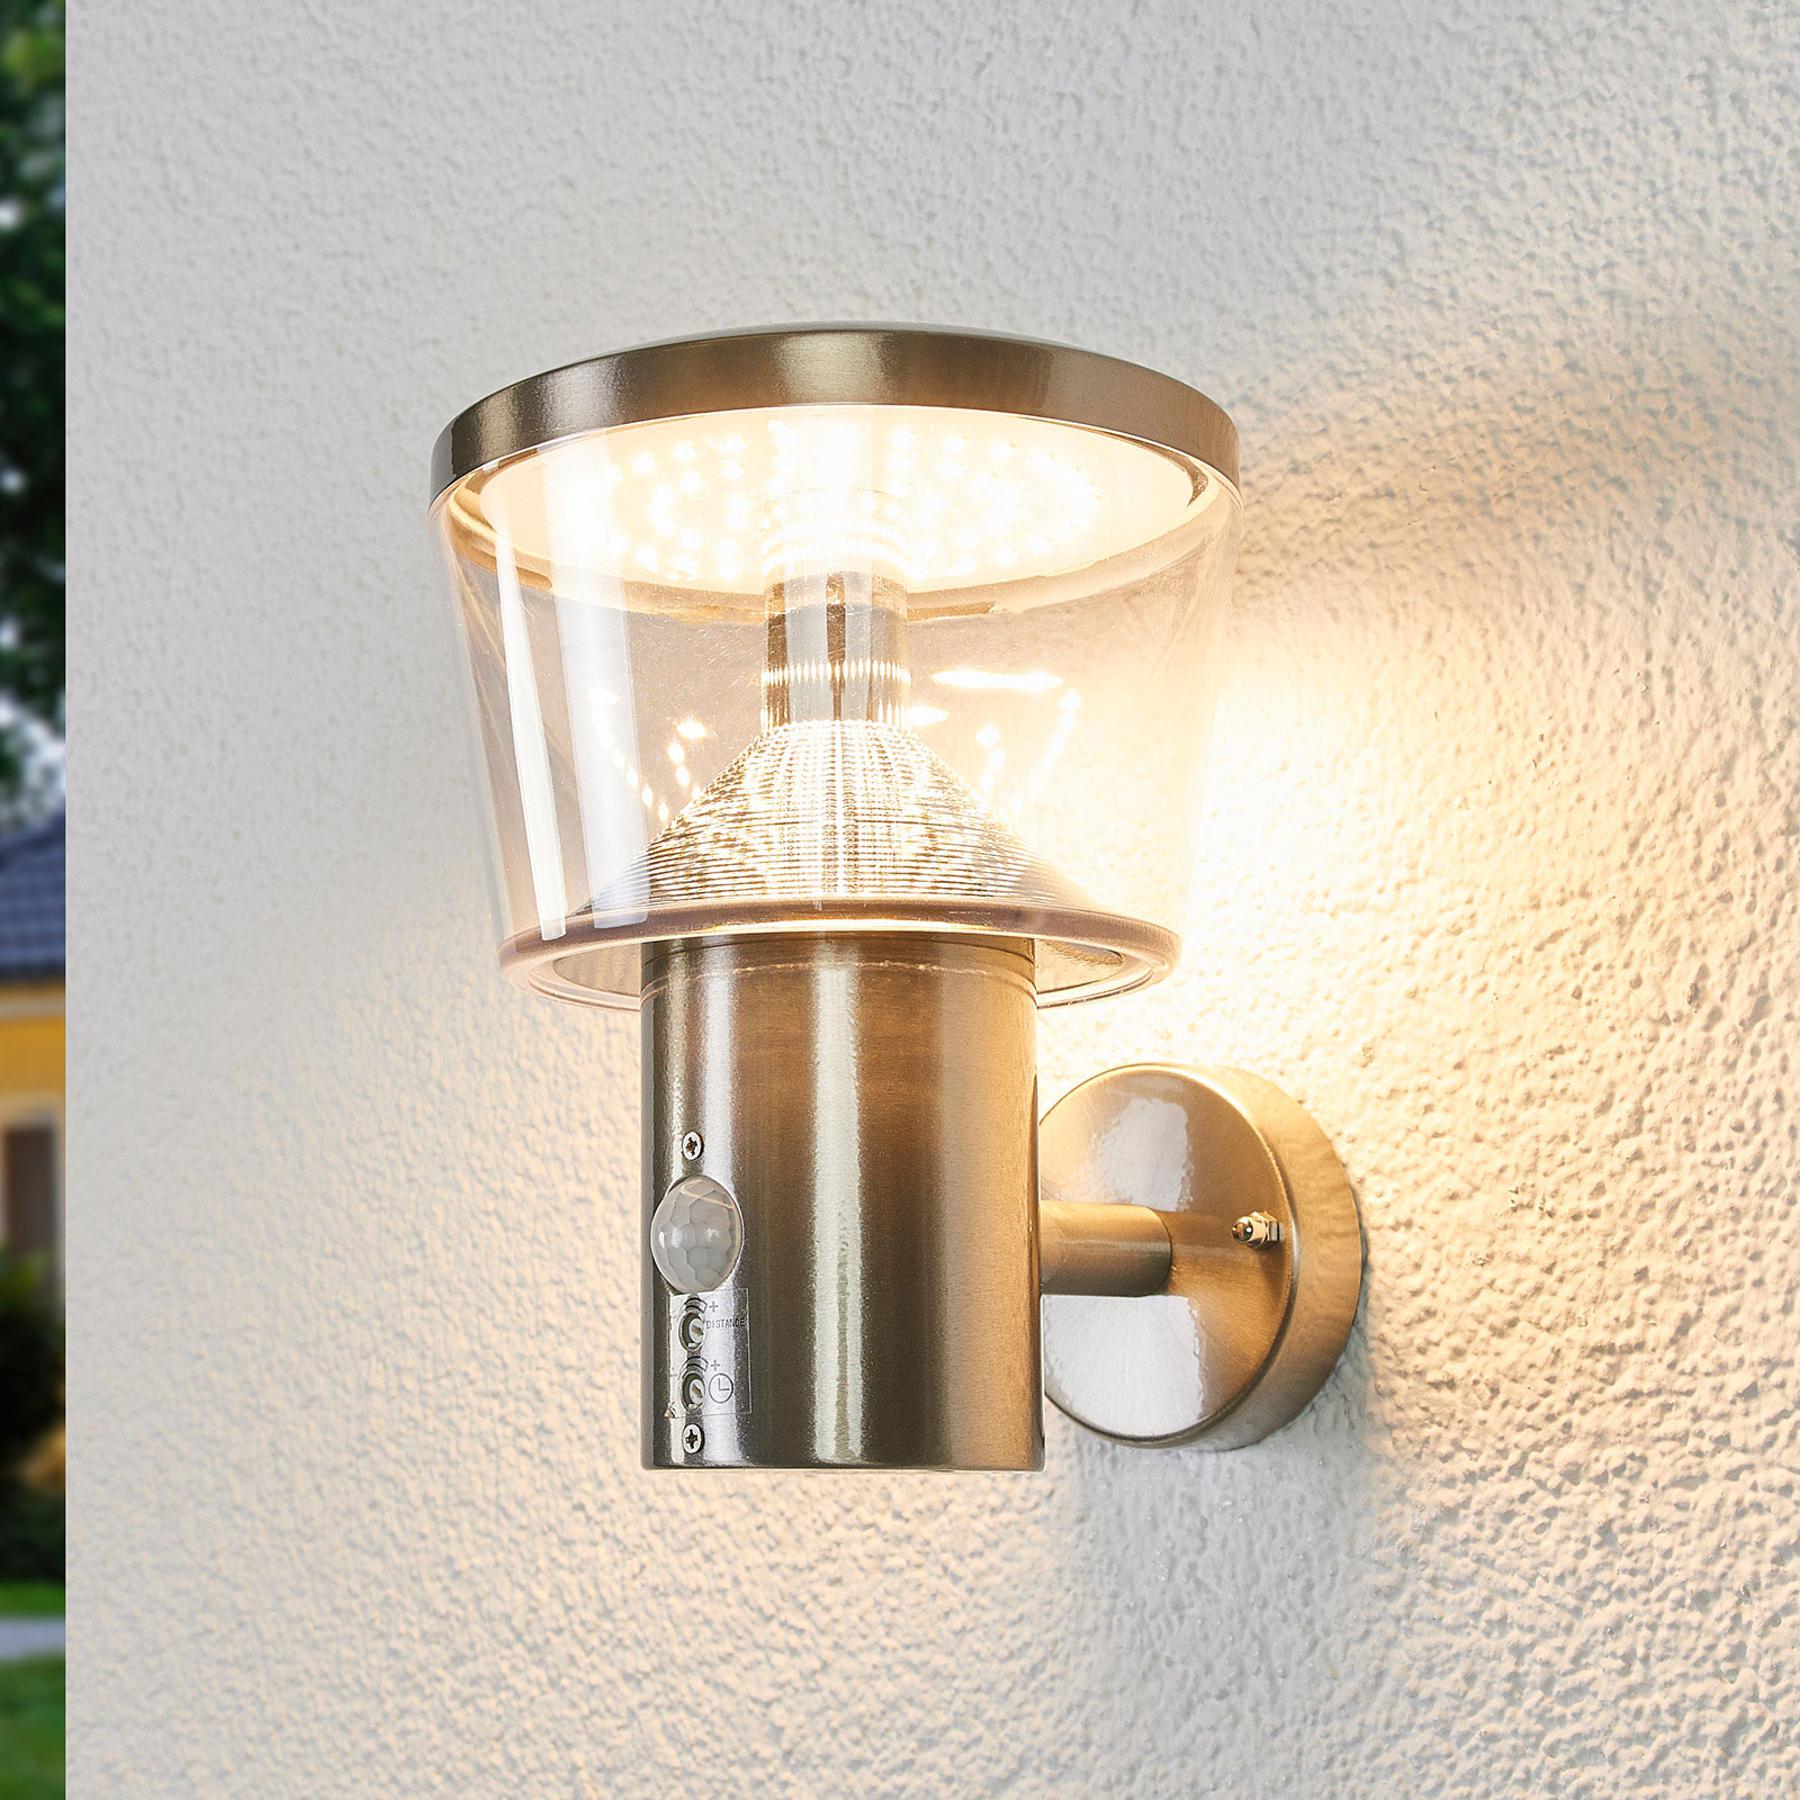 Antje-LED-ulkoseinävalaisin tunnistimella